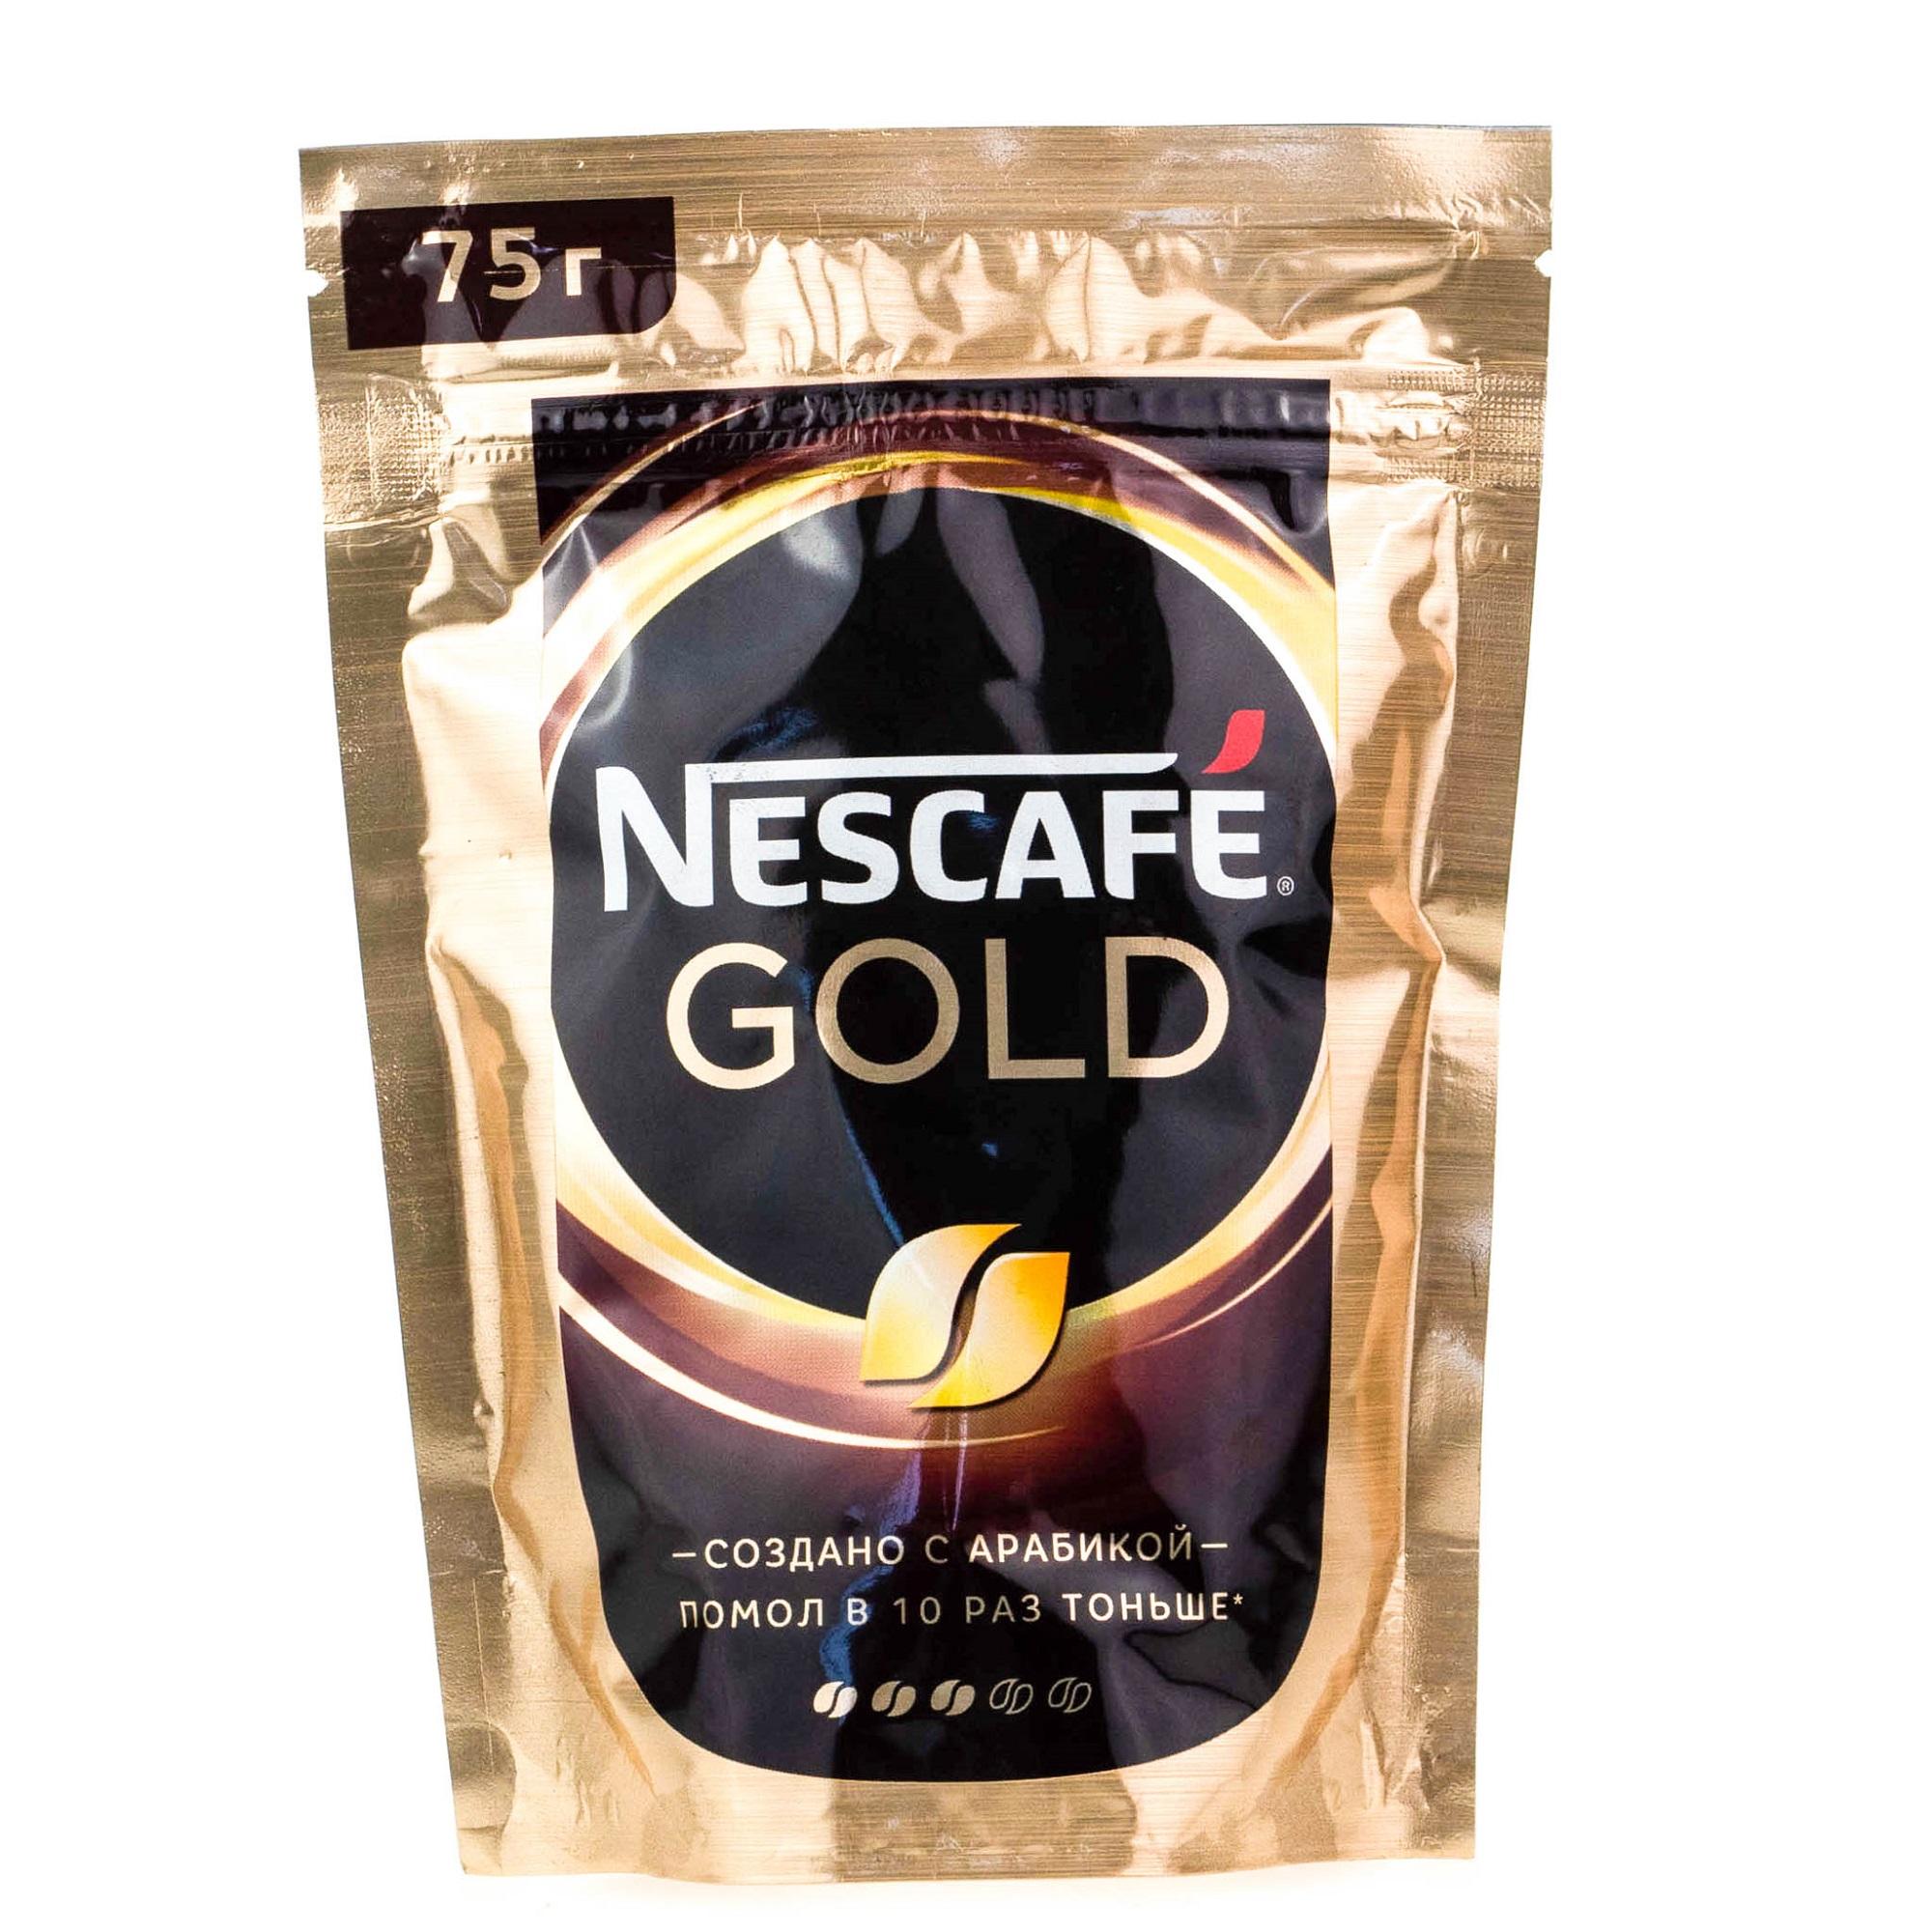 Кофе растворимый Nescafe Gold 75 г